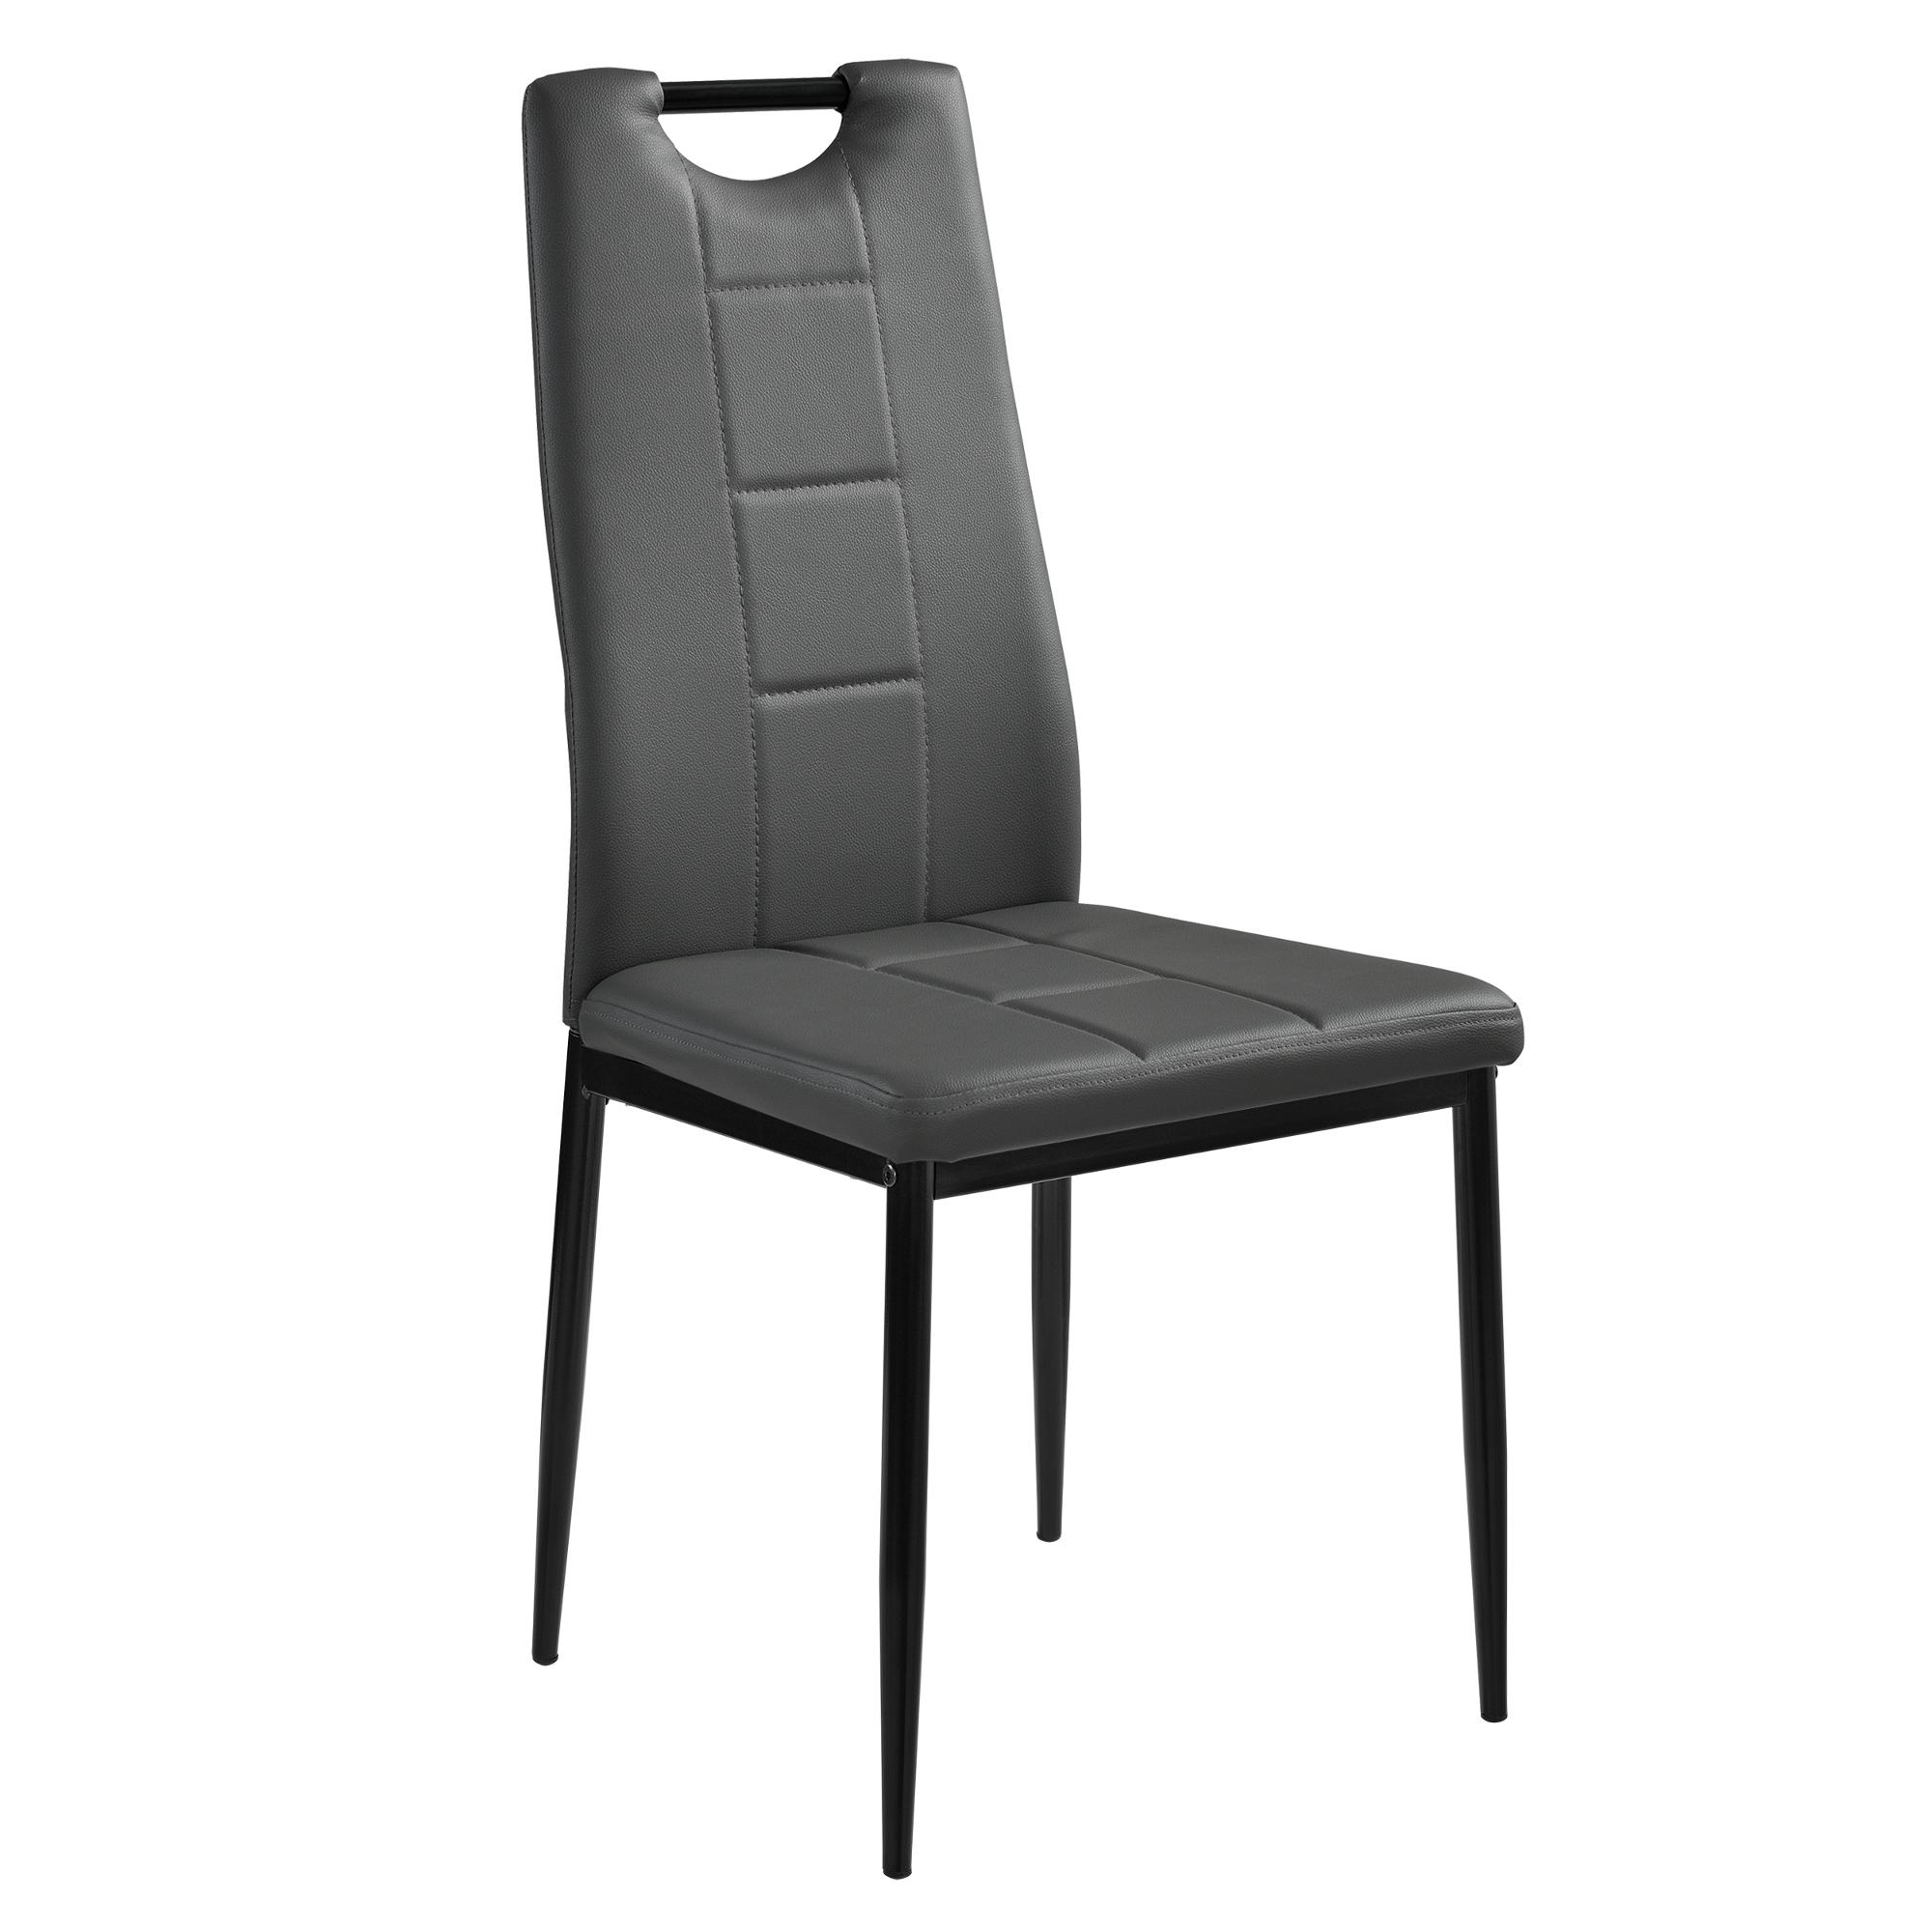 2x chaises gris chaise dossier haut salle manger - Chaise haut dossier salle a manger ...